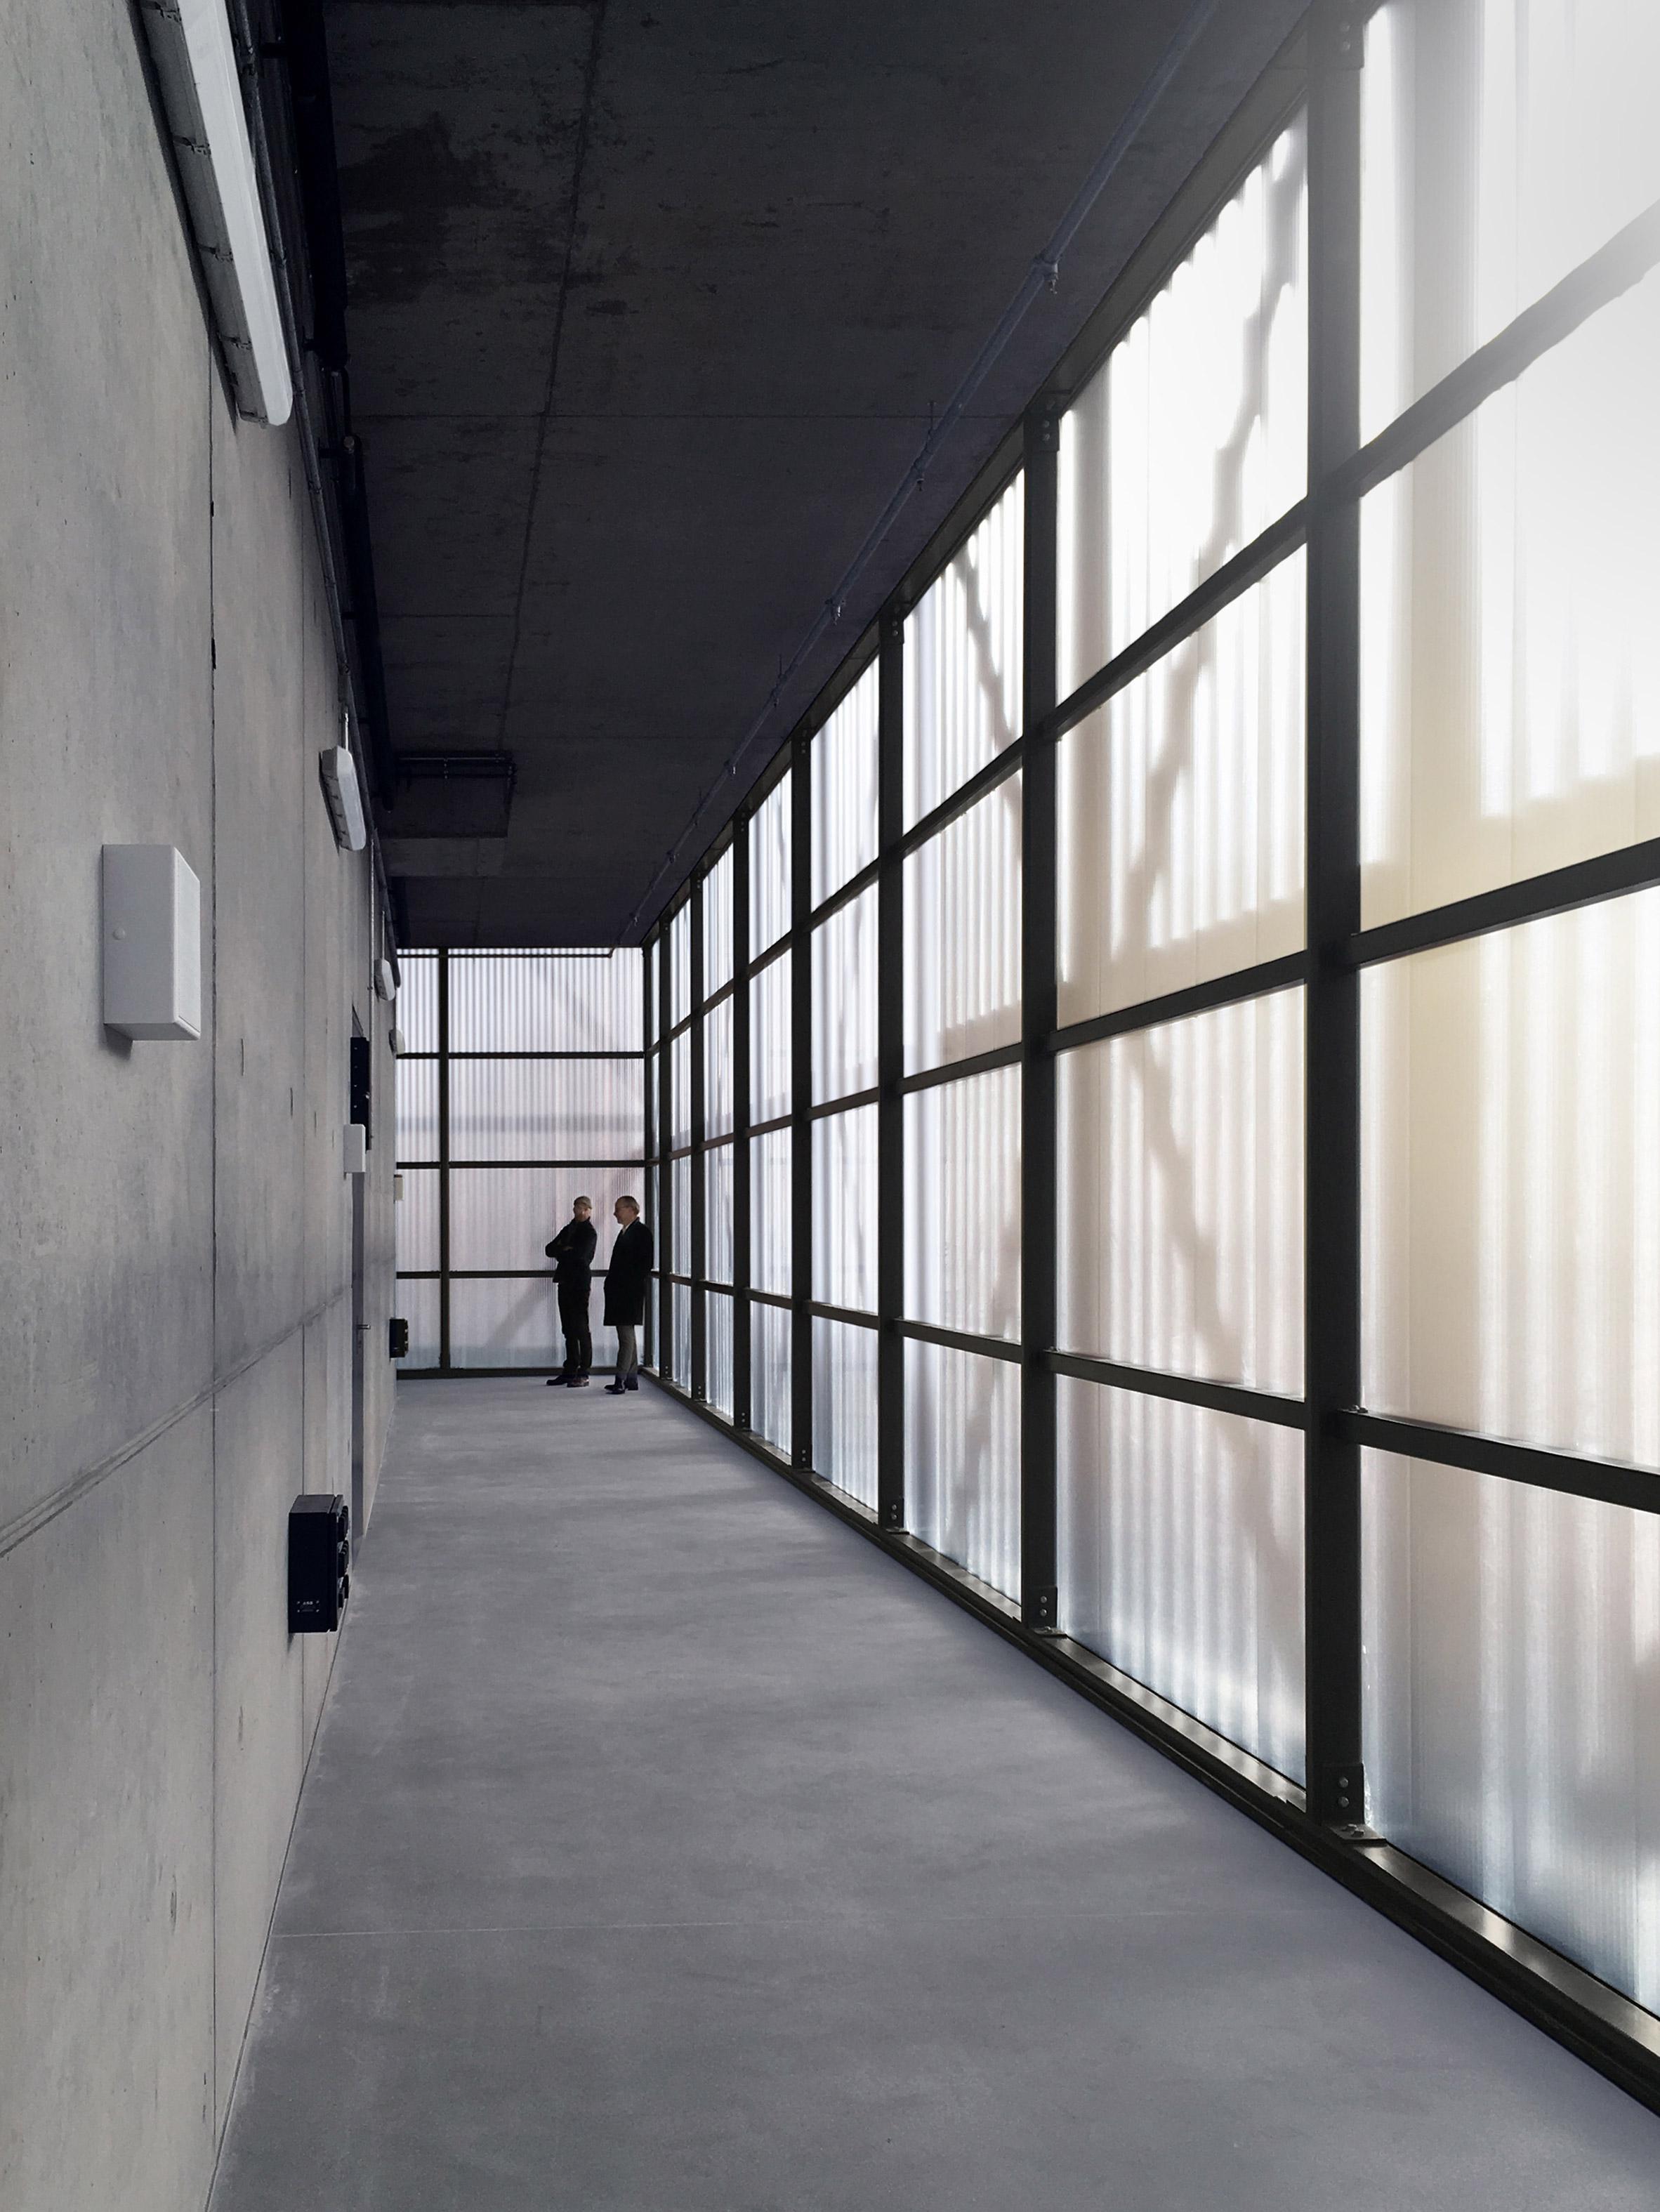 Ernst Busch University of Performing Arts by Ortner & Ortner Baukunst